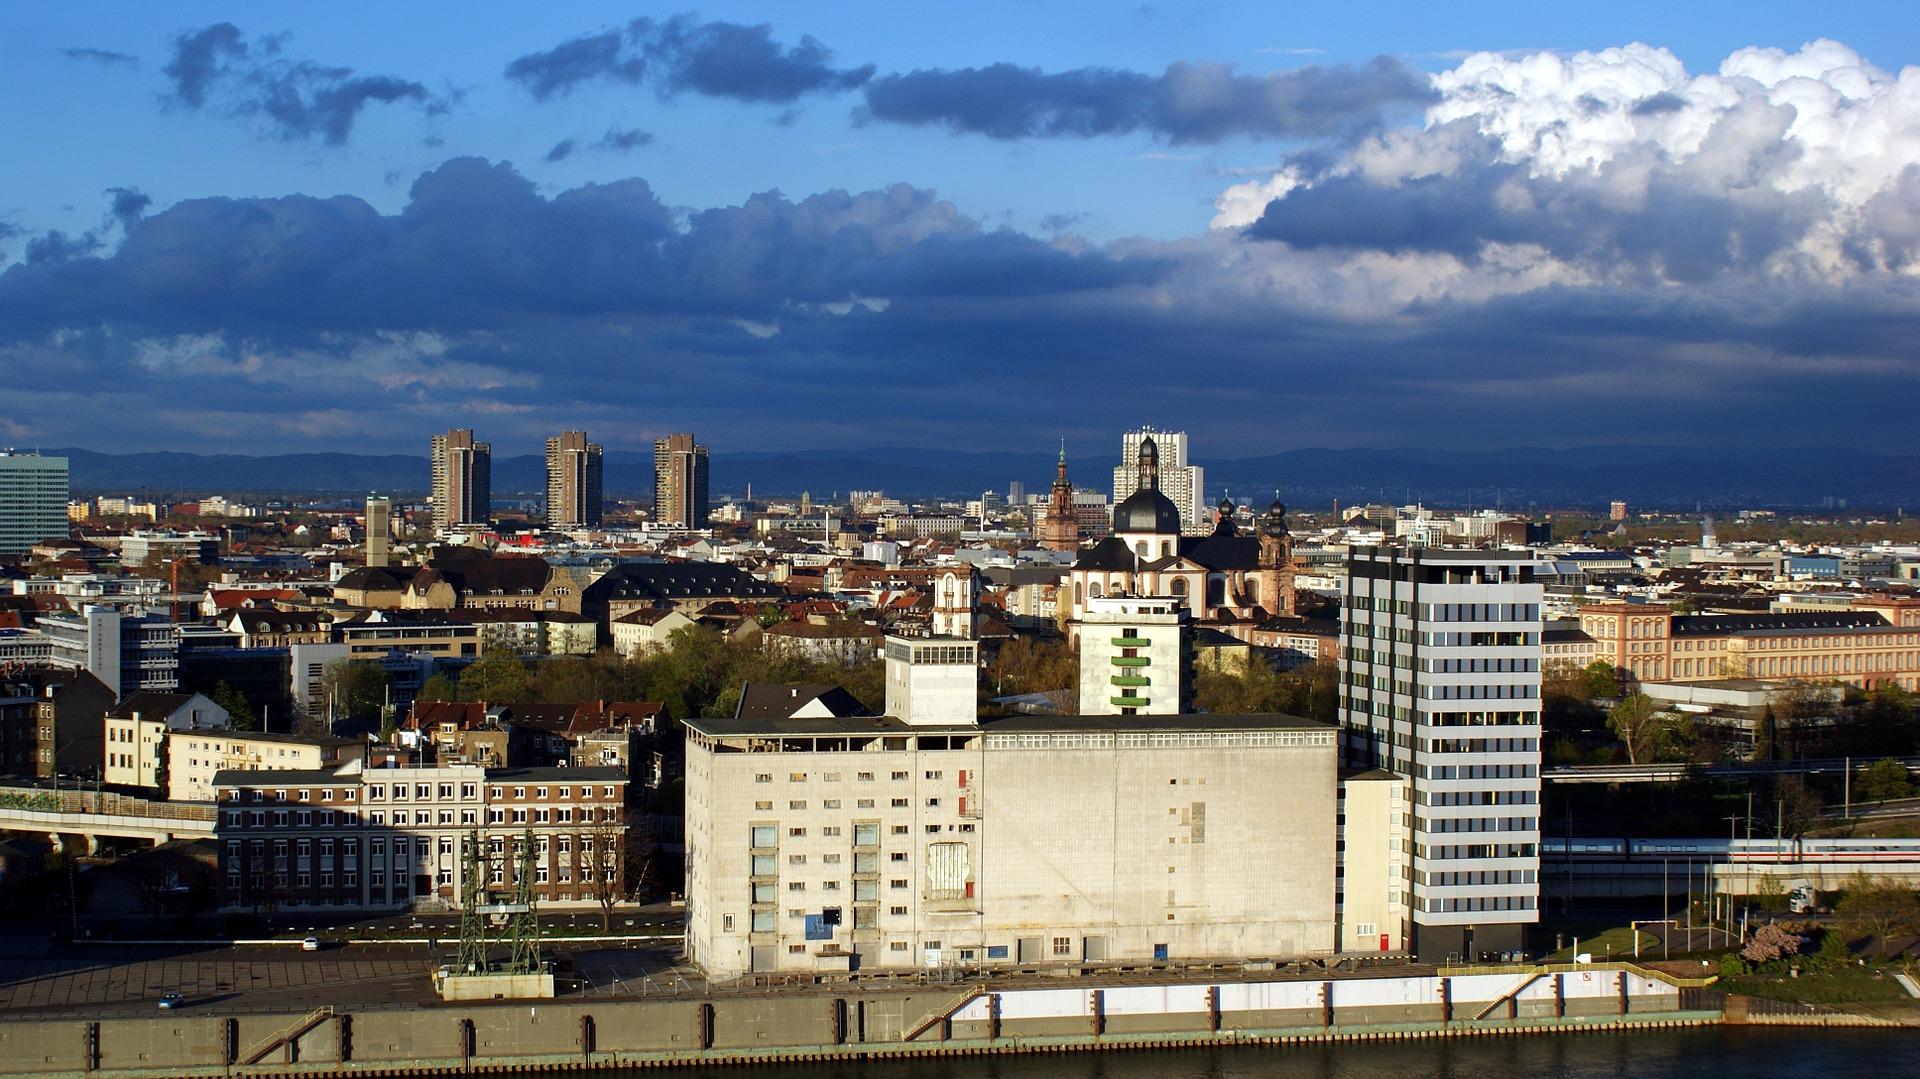 Mannheim braucht endlich ein kommunales Wohnungsbauprogramm für bezahlbaren Wohnraum – ein Grundstock kann jetzt gelegt werden!